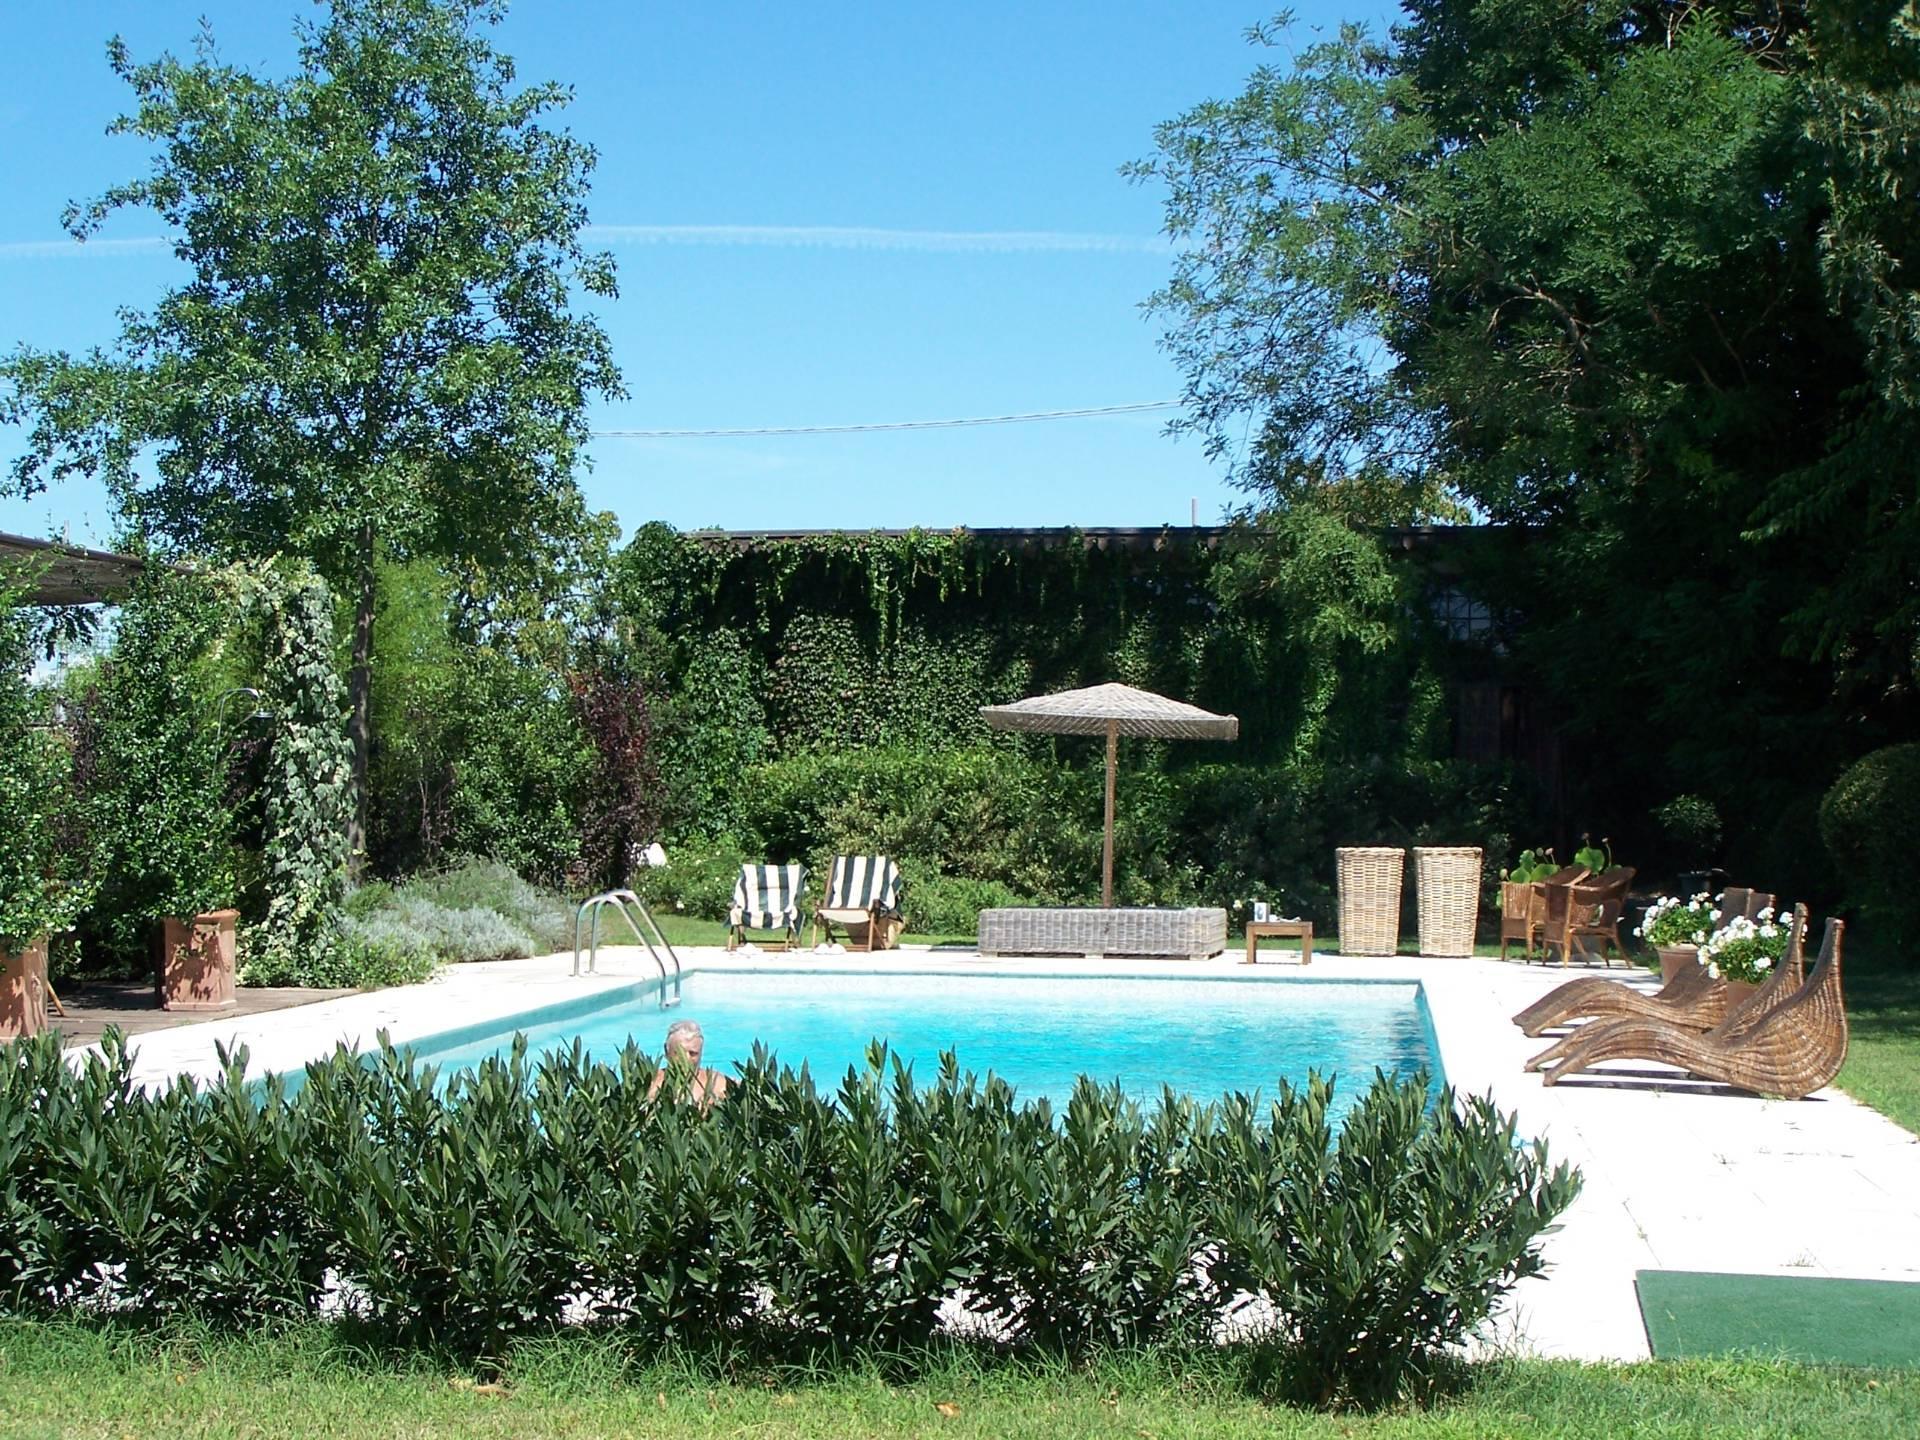 位于Cremona乡村内且拥有大公园的历史久远的别墅 - 7